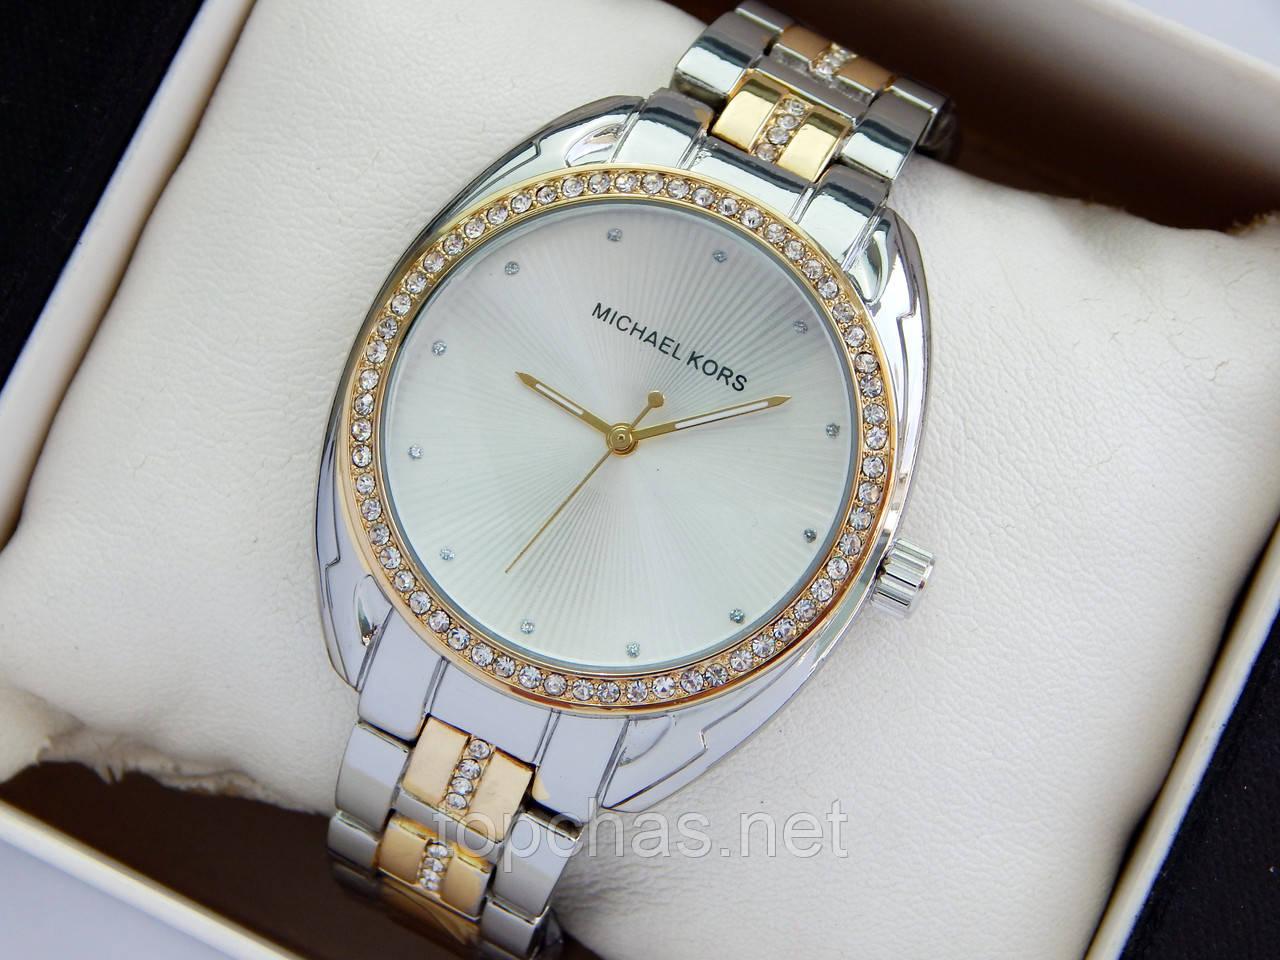 114d1df4 Женские наручные часы Michael Kors серебро-золотого, стразы вокруг  циферблата и на браслете